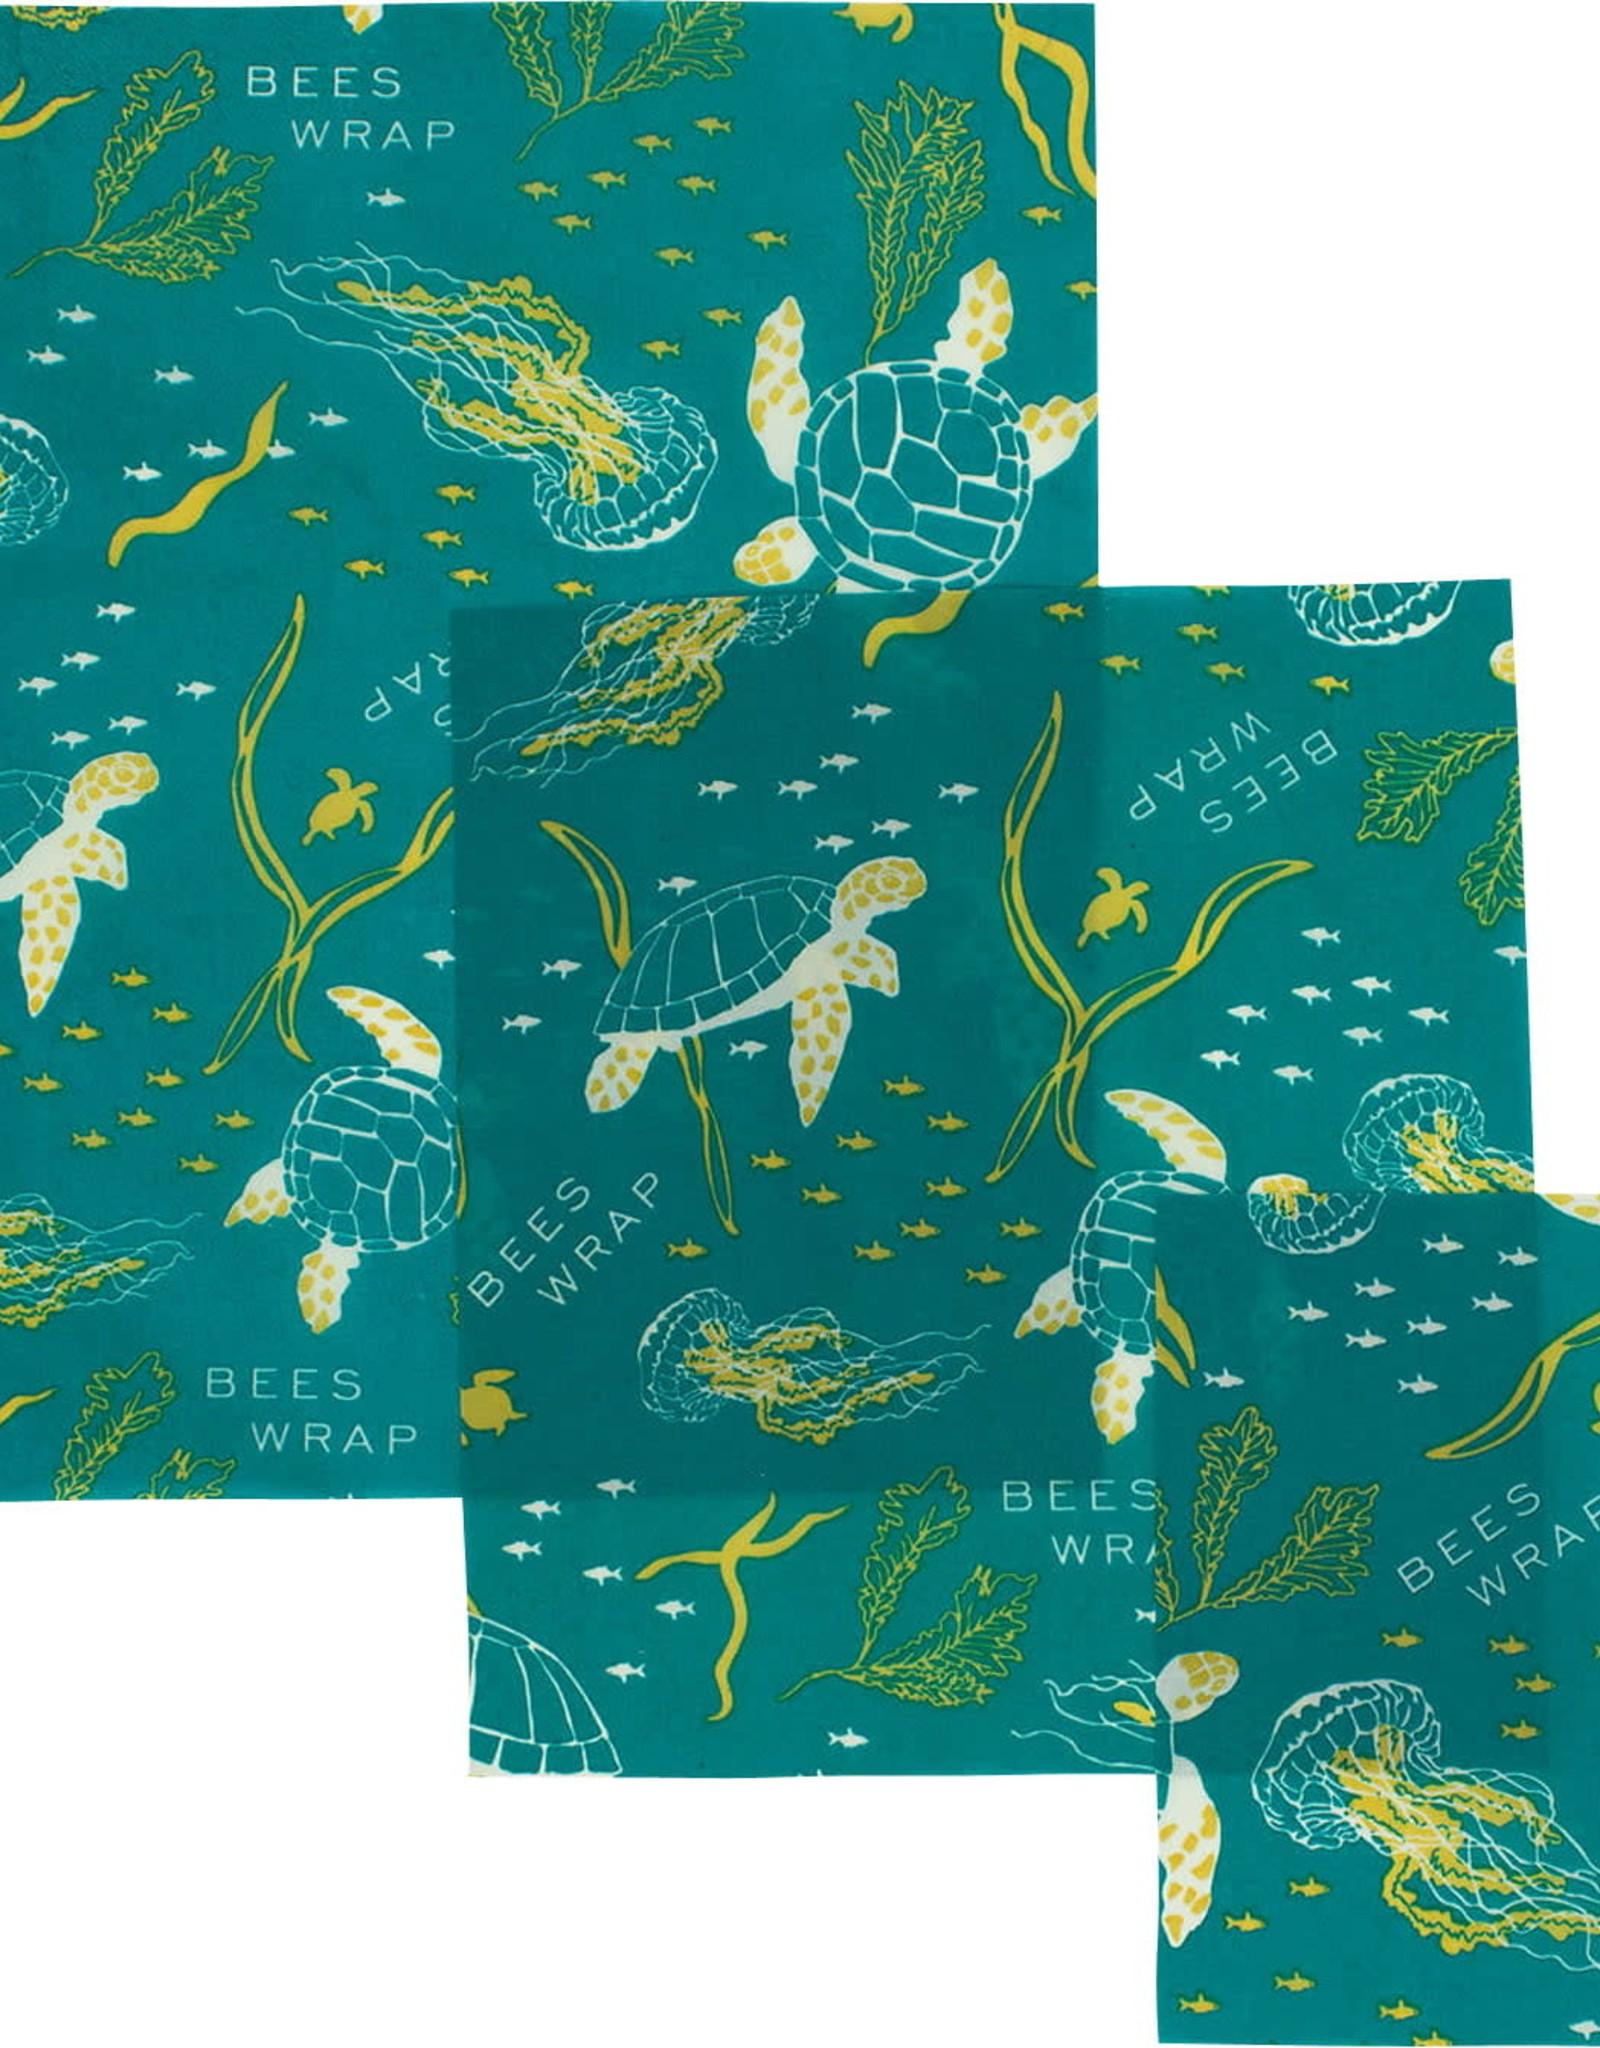 Bee's Wrap Ocean's Print Variety Pack